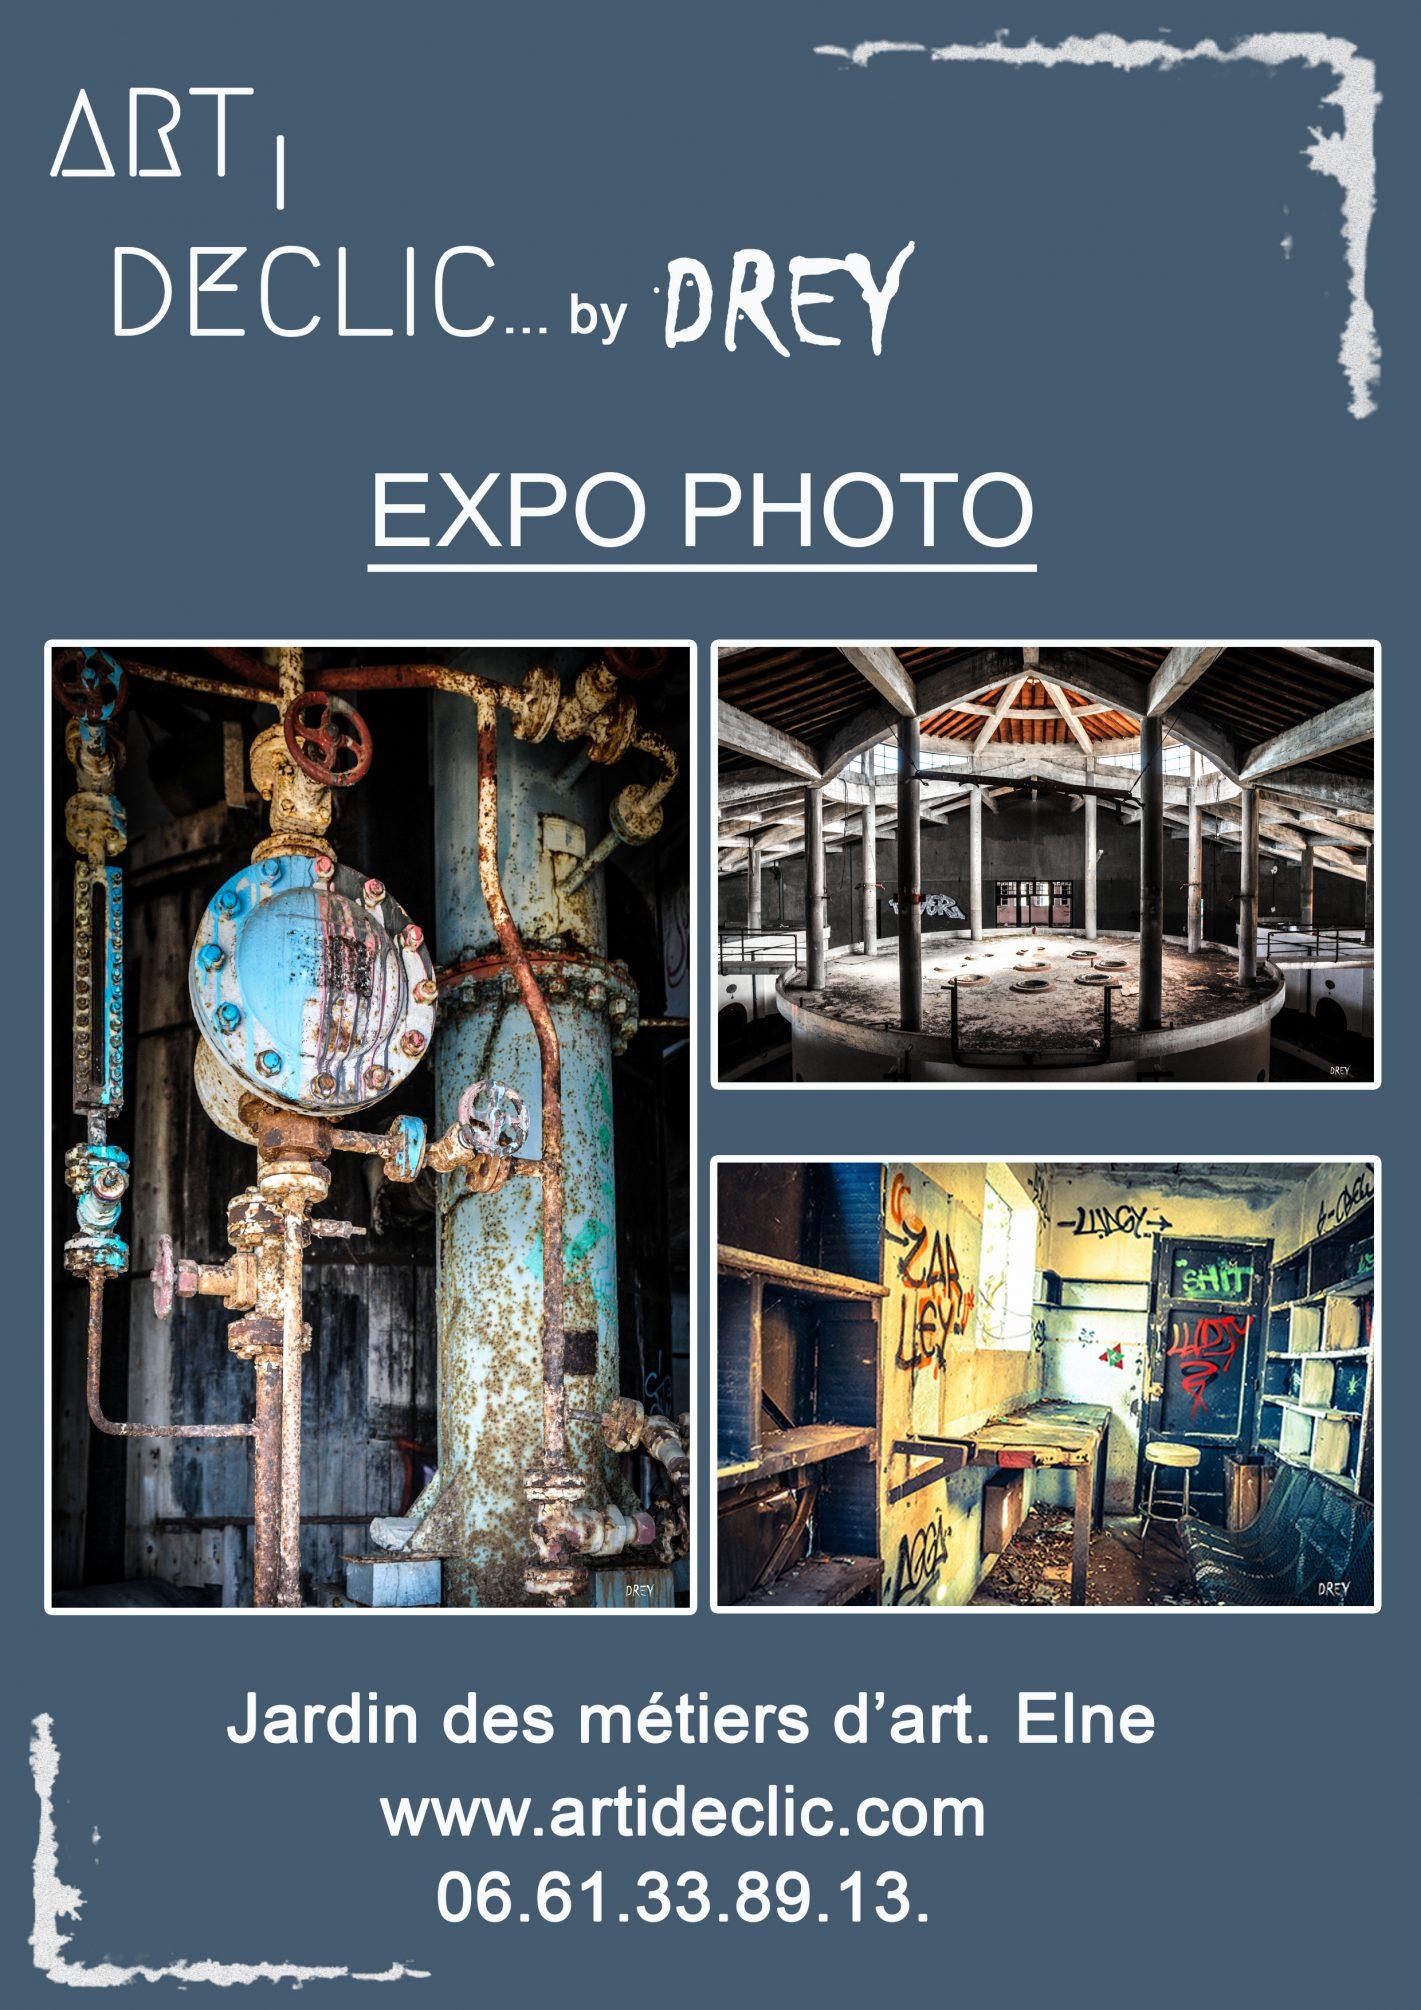 Drey expo photo Jardin des métiers d'art Elne